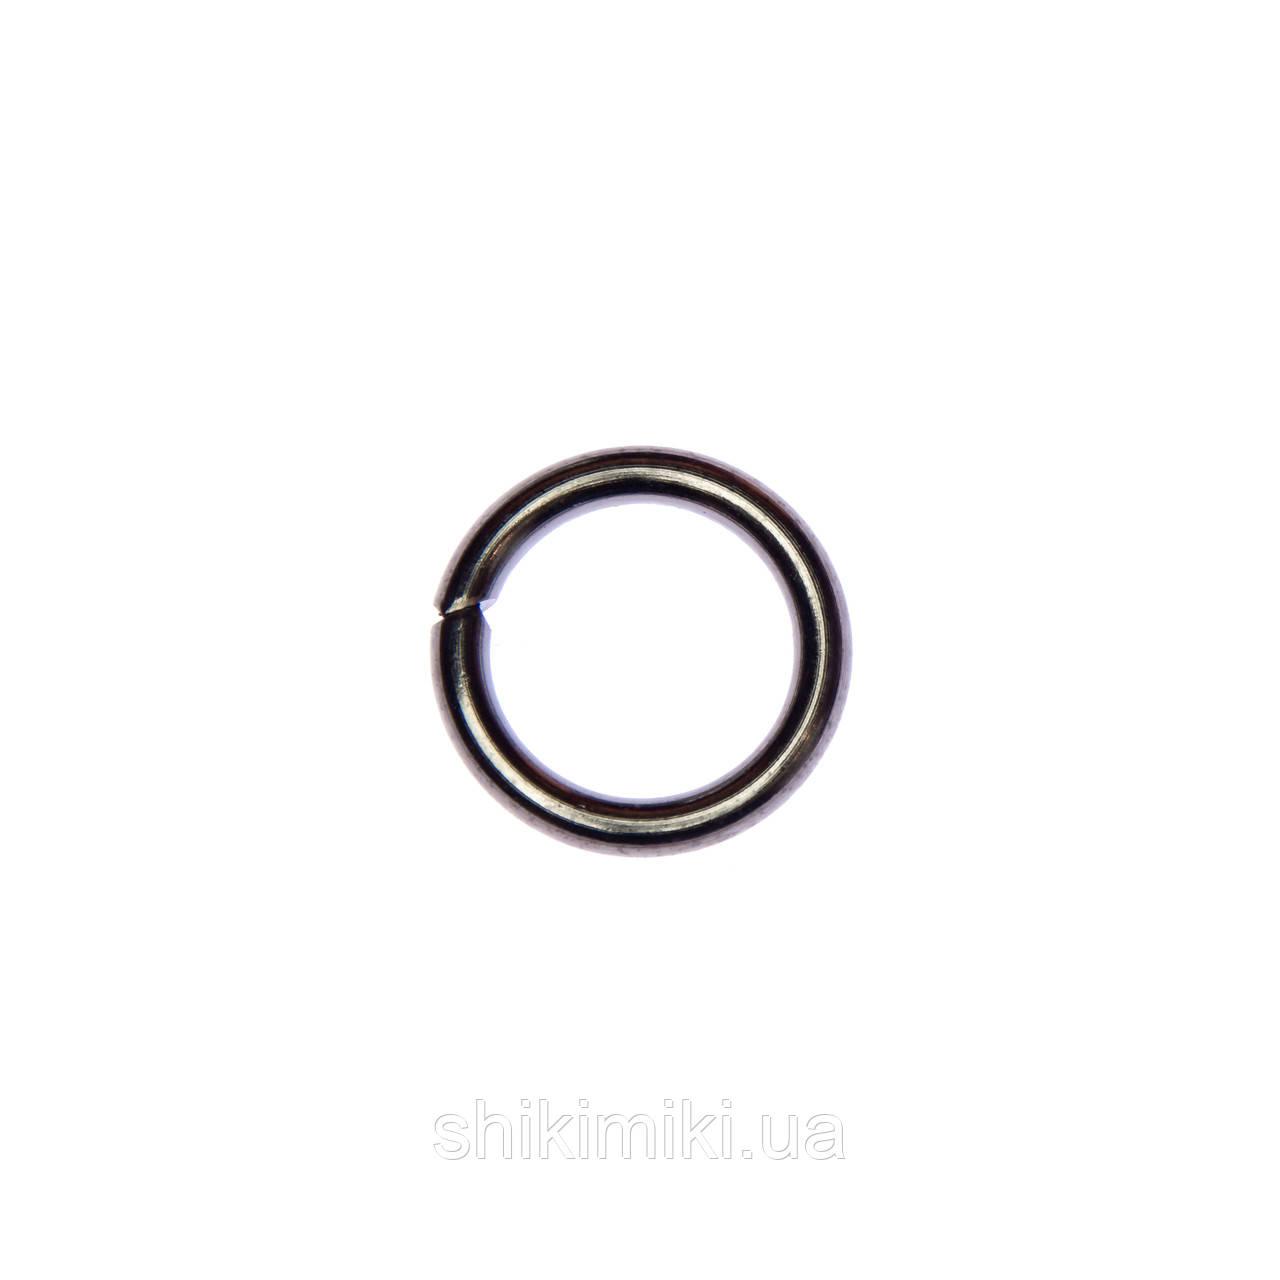 Кольца соединительные KL20-22 (20 мм), цвет черный никель